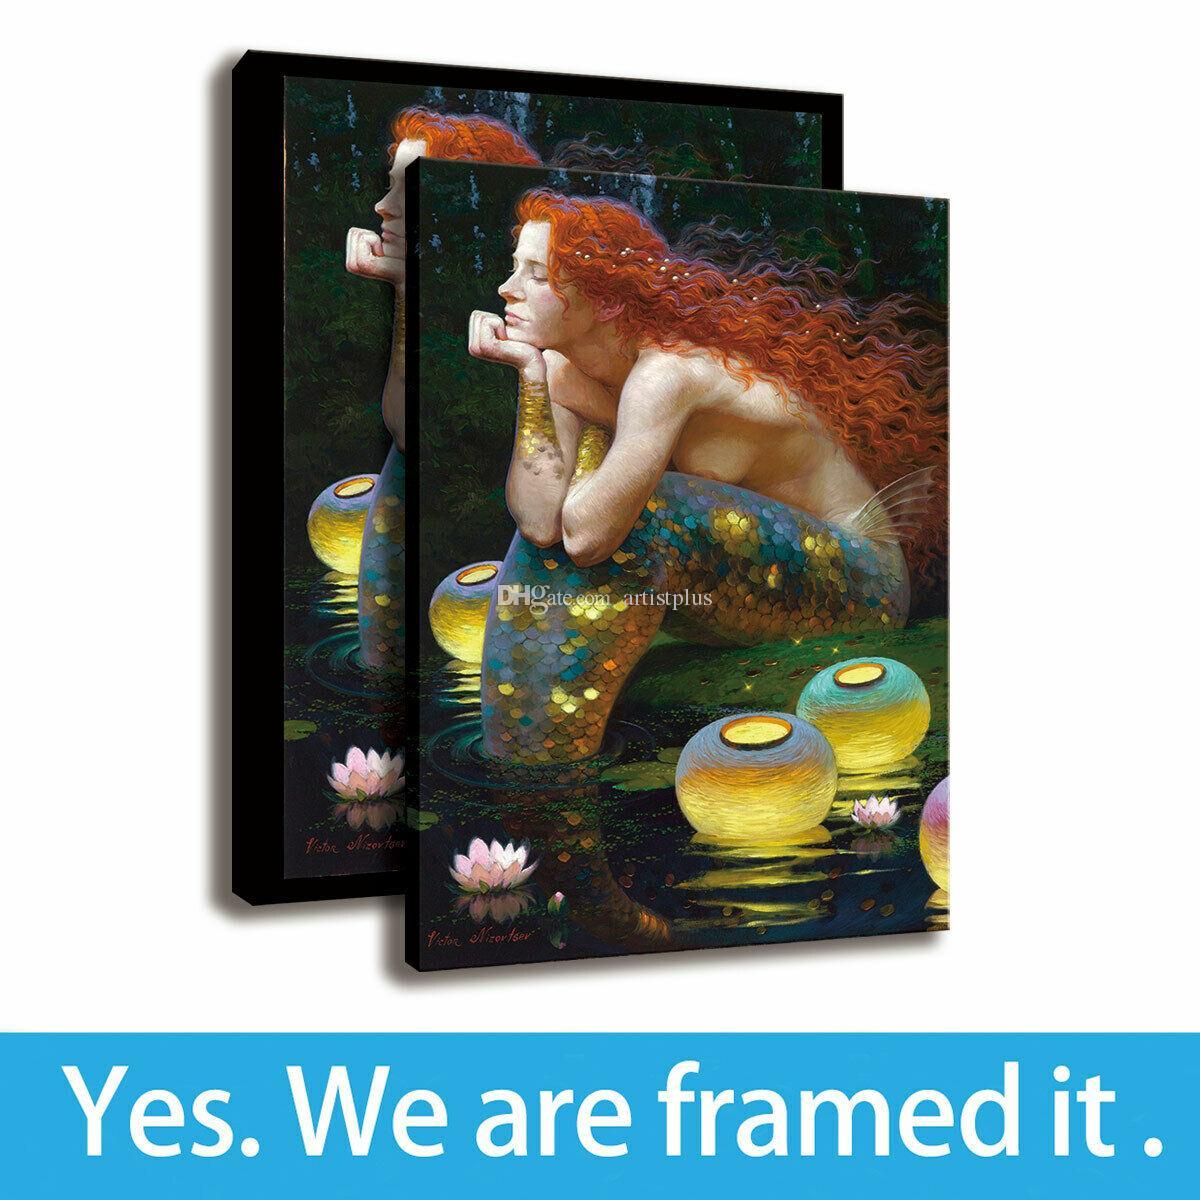 Pittura Waterhouse Redhead Mermaid HD stampabile Ufficio decorazione della parete di arte della tela di canapa artistica con cornice - pronta per essere appesa - Supporto di personalizzazione